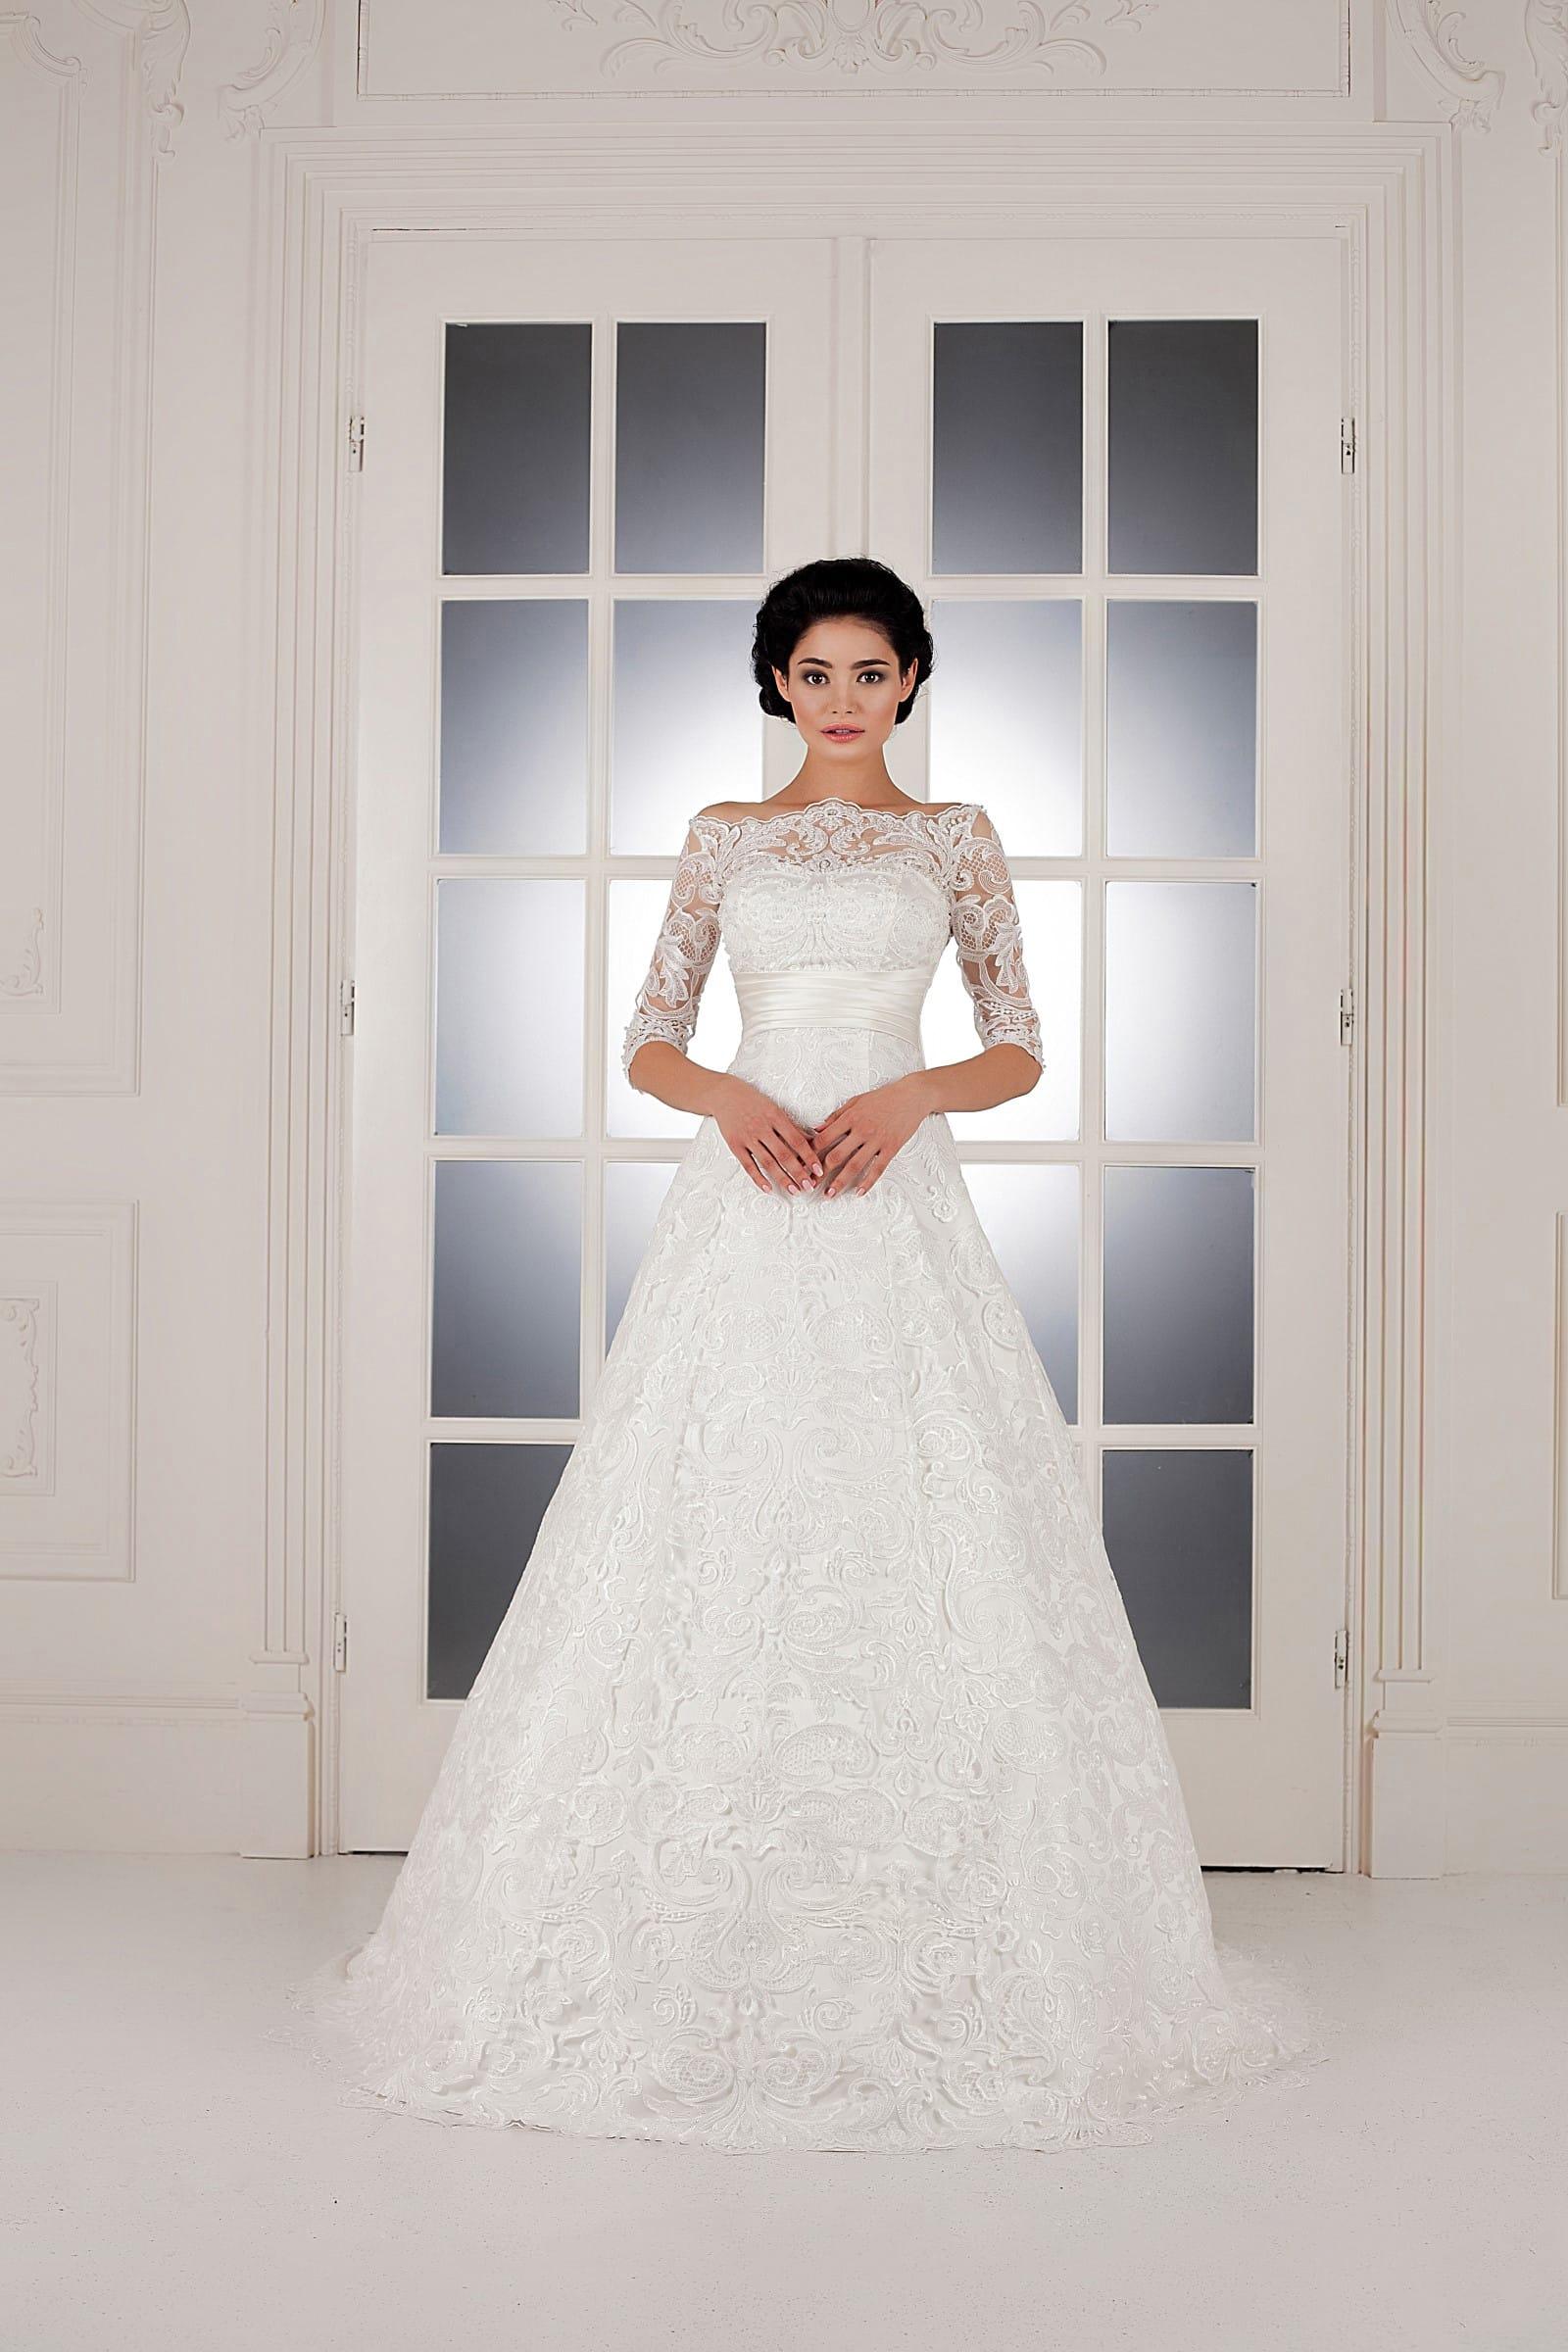 f2a6f2152a85739 Свадебное платье «трапеция» с фигурным декольте, дополненным кружевными  рукавами.